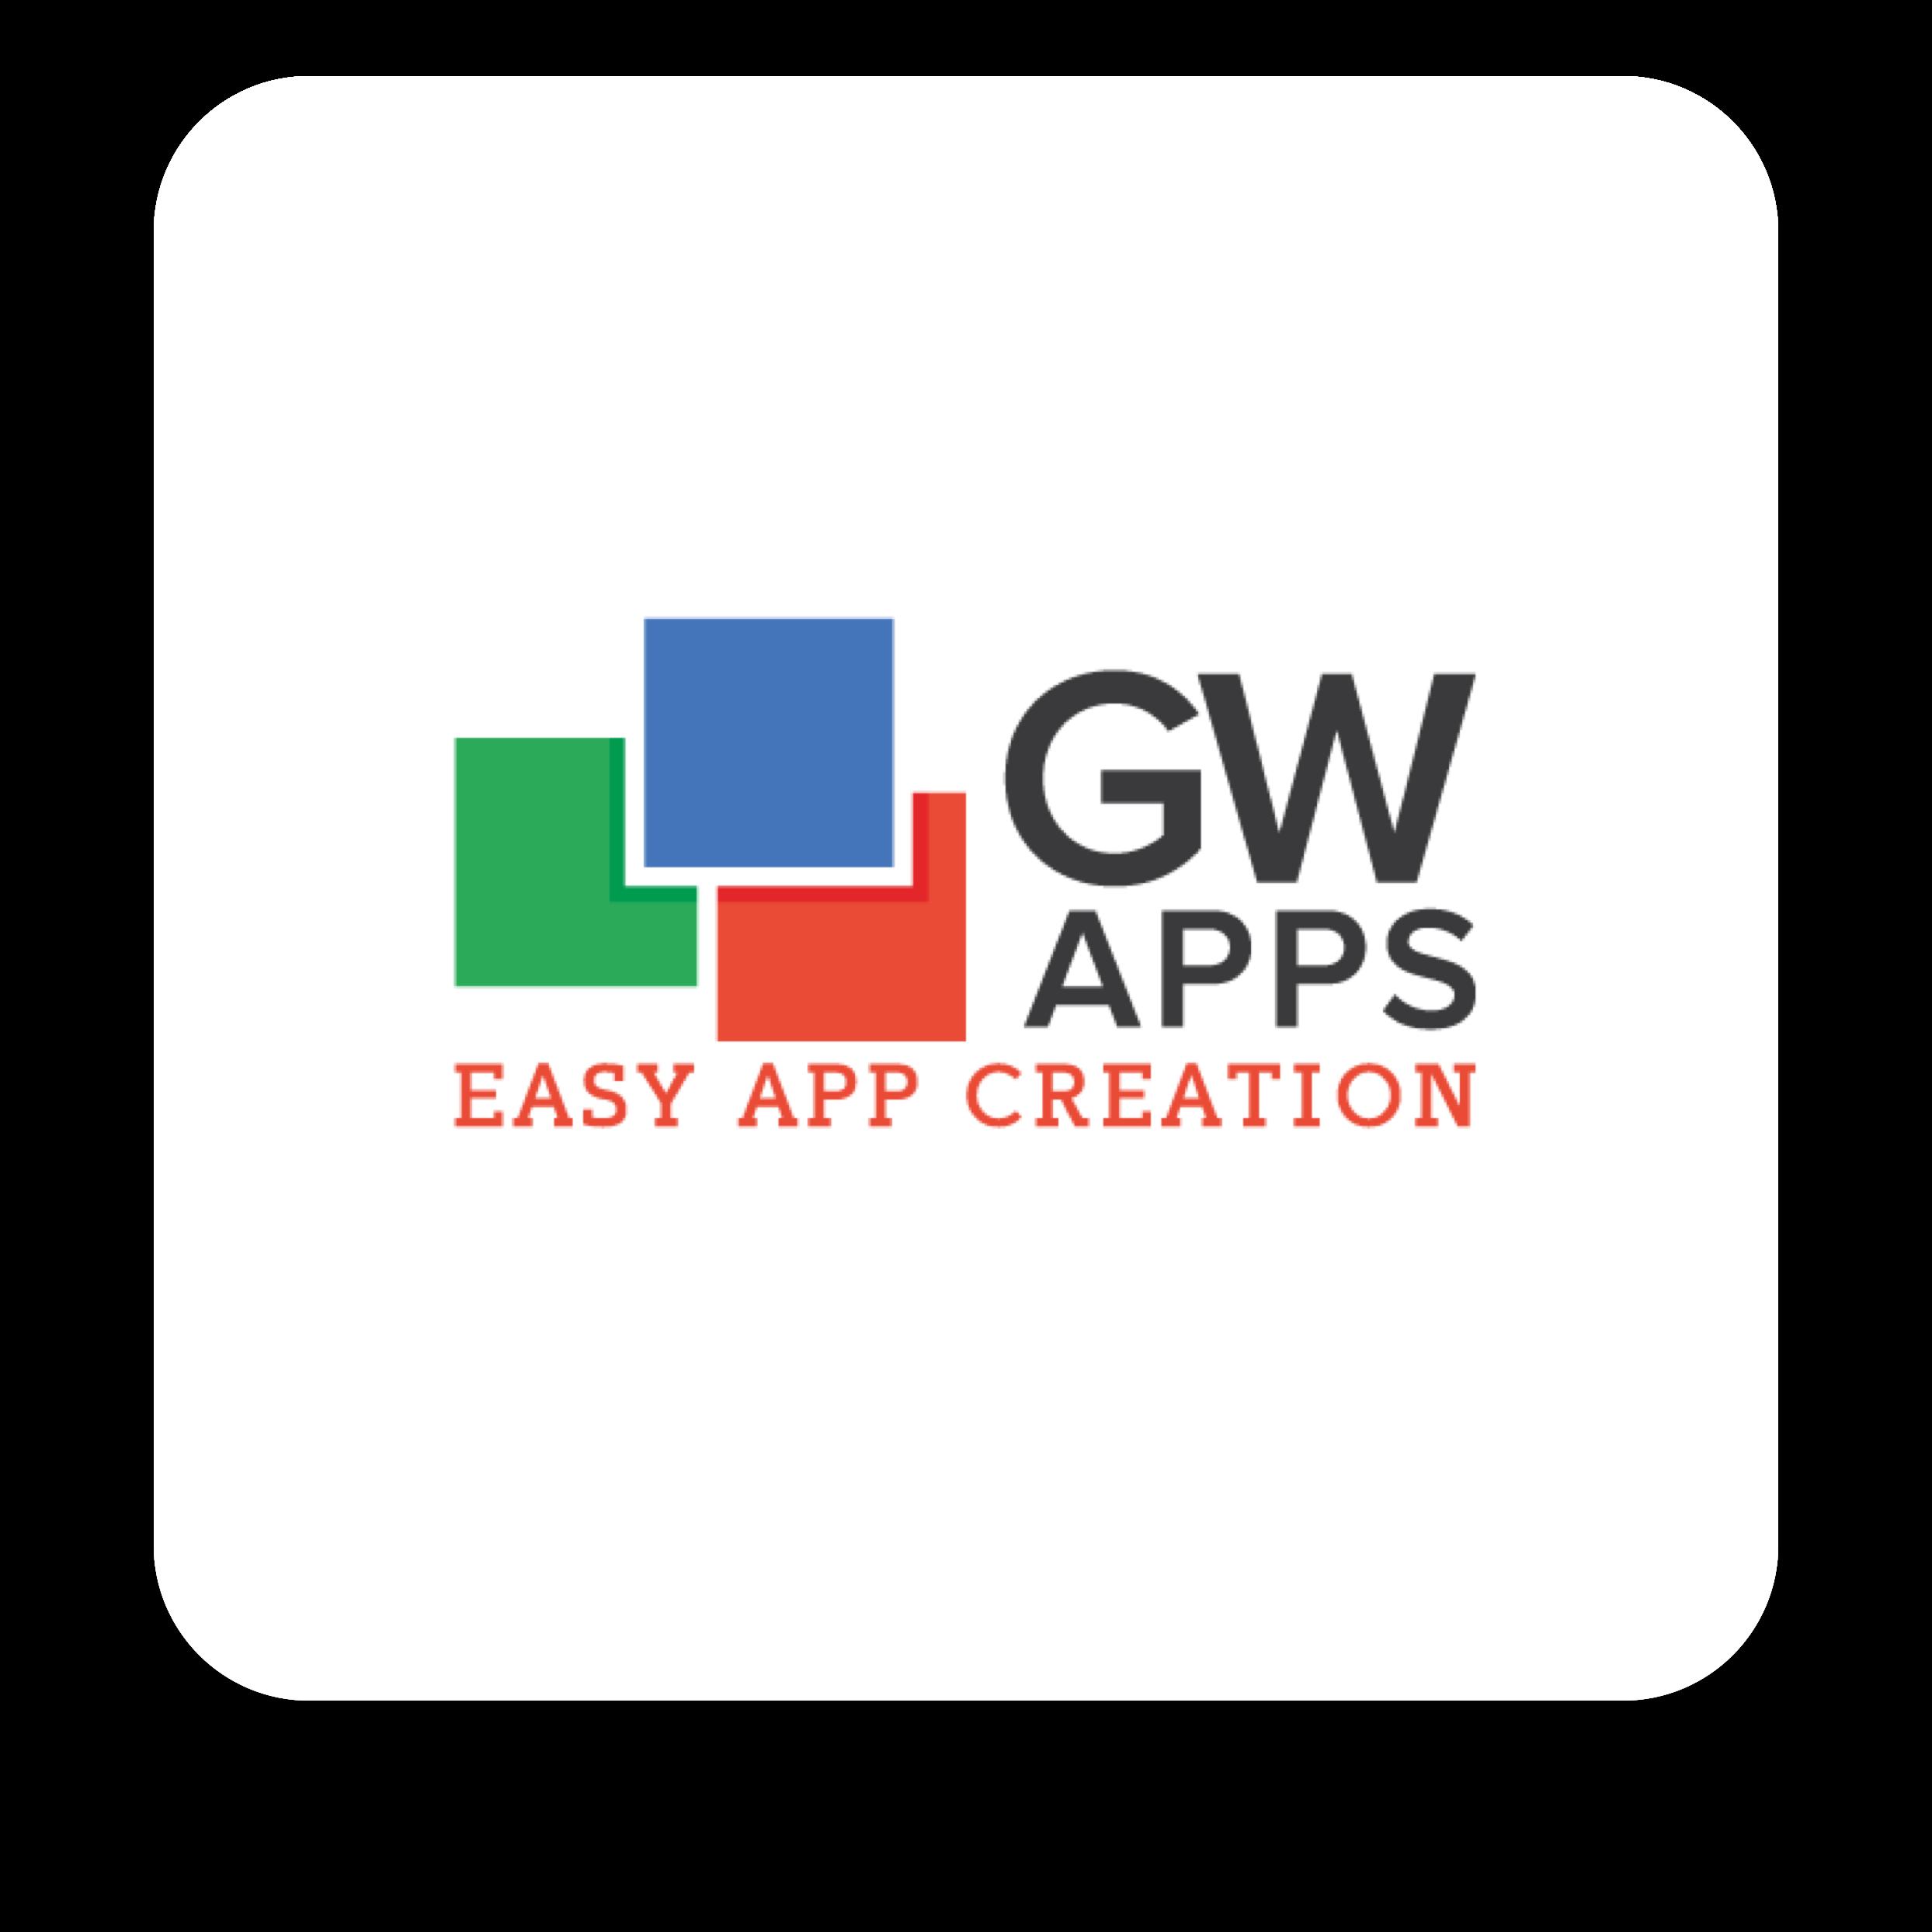 gw-apps.png